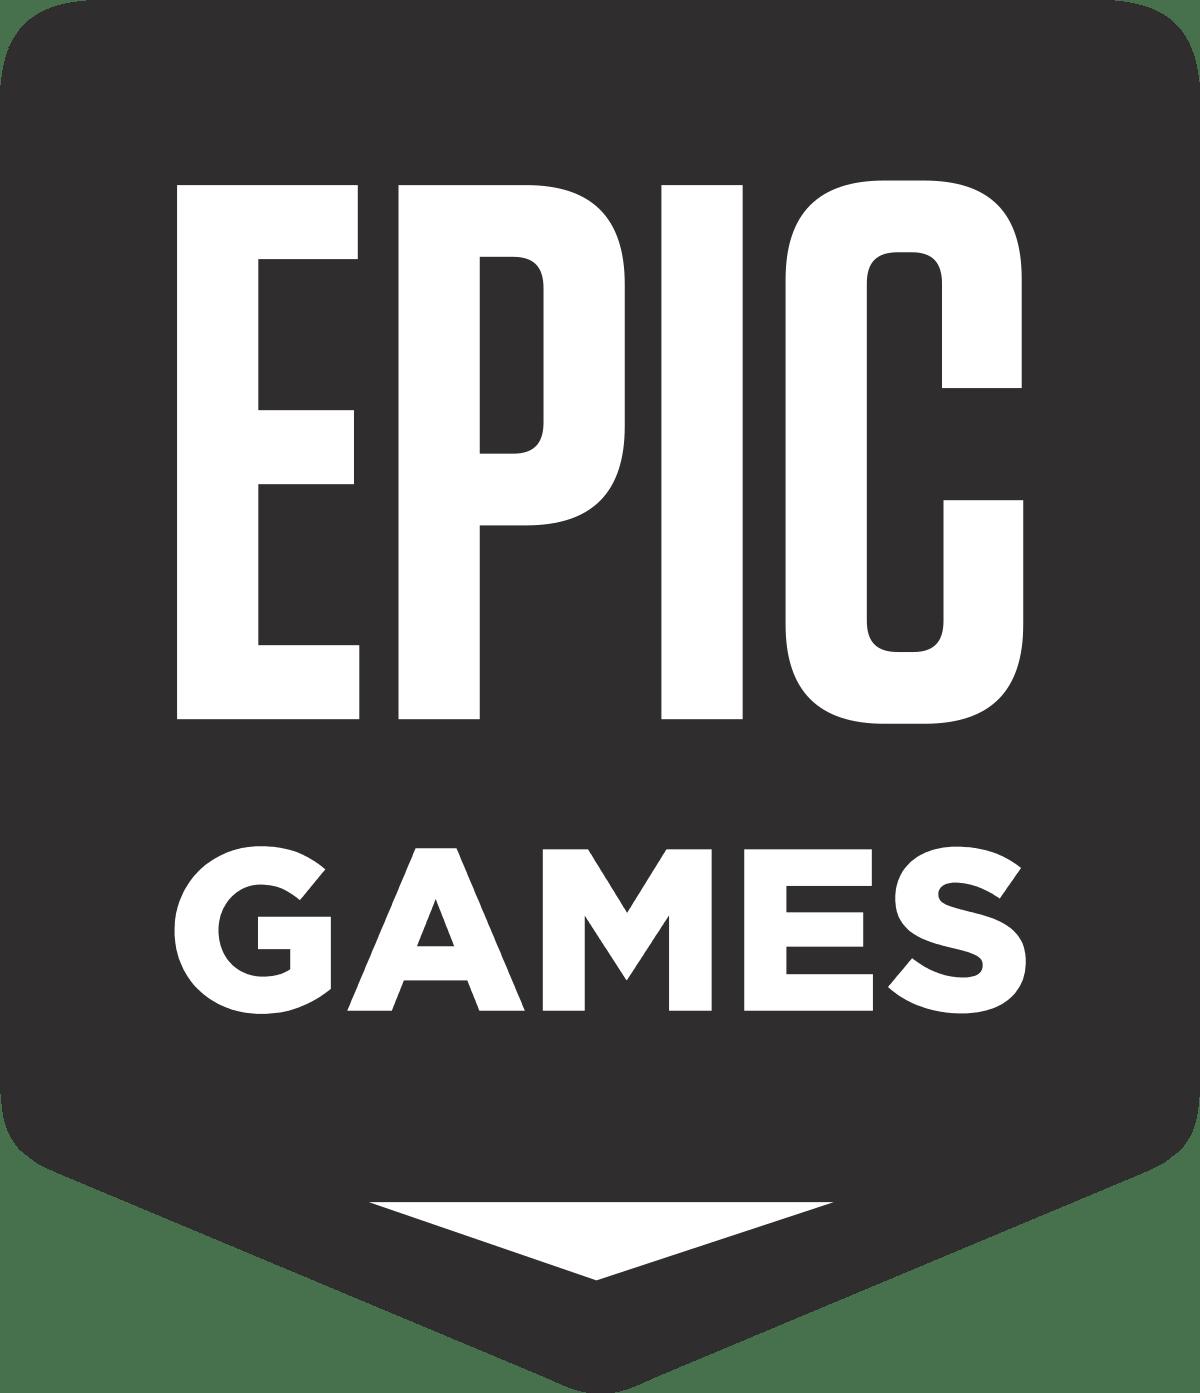 에픽게임즈 스토어 게임구매 오류 (본 계정에서는 현재 더 이상의 무료 게임을 다운로드할 수 없습니다.)_ 4